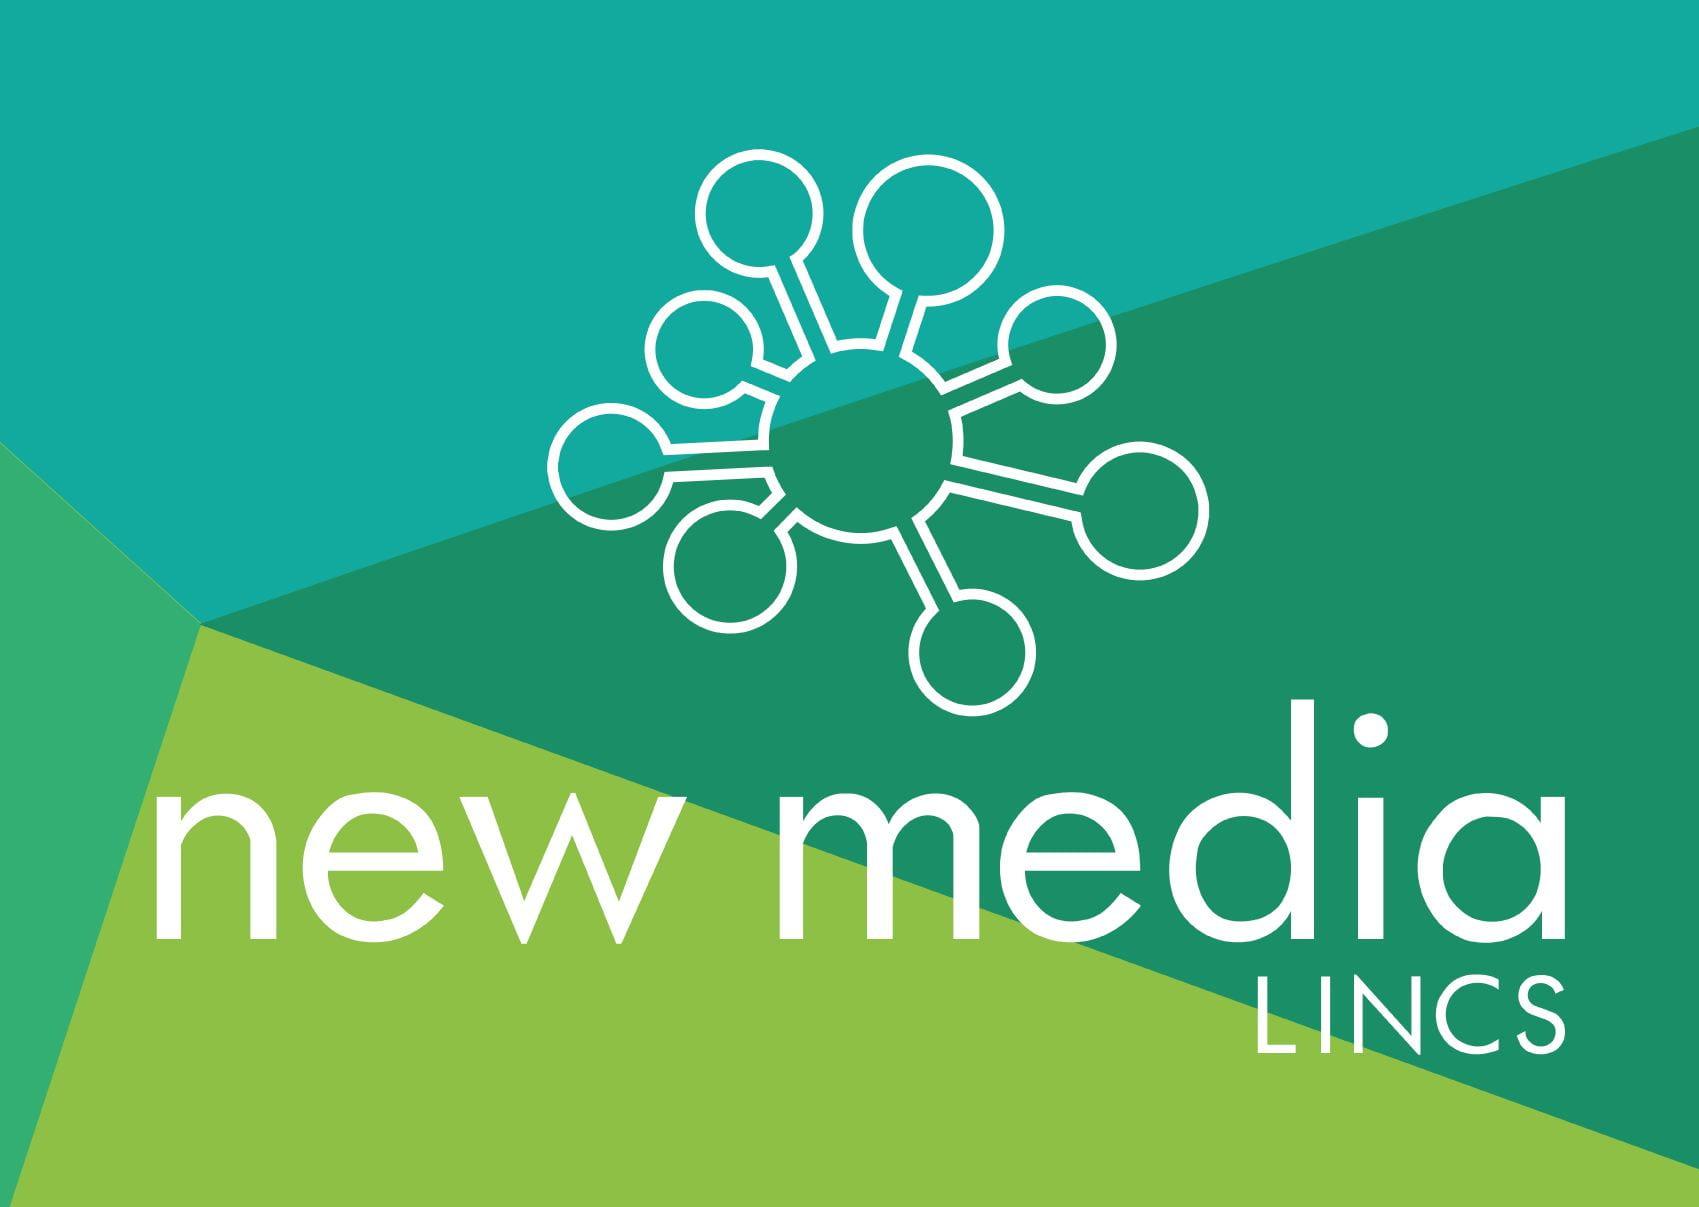 new media links logo.